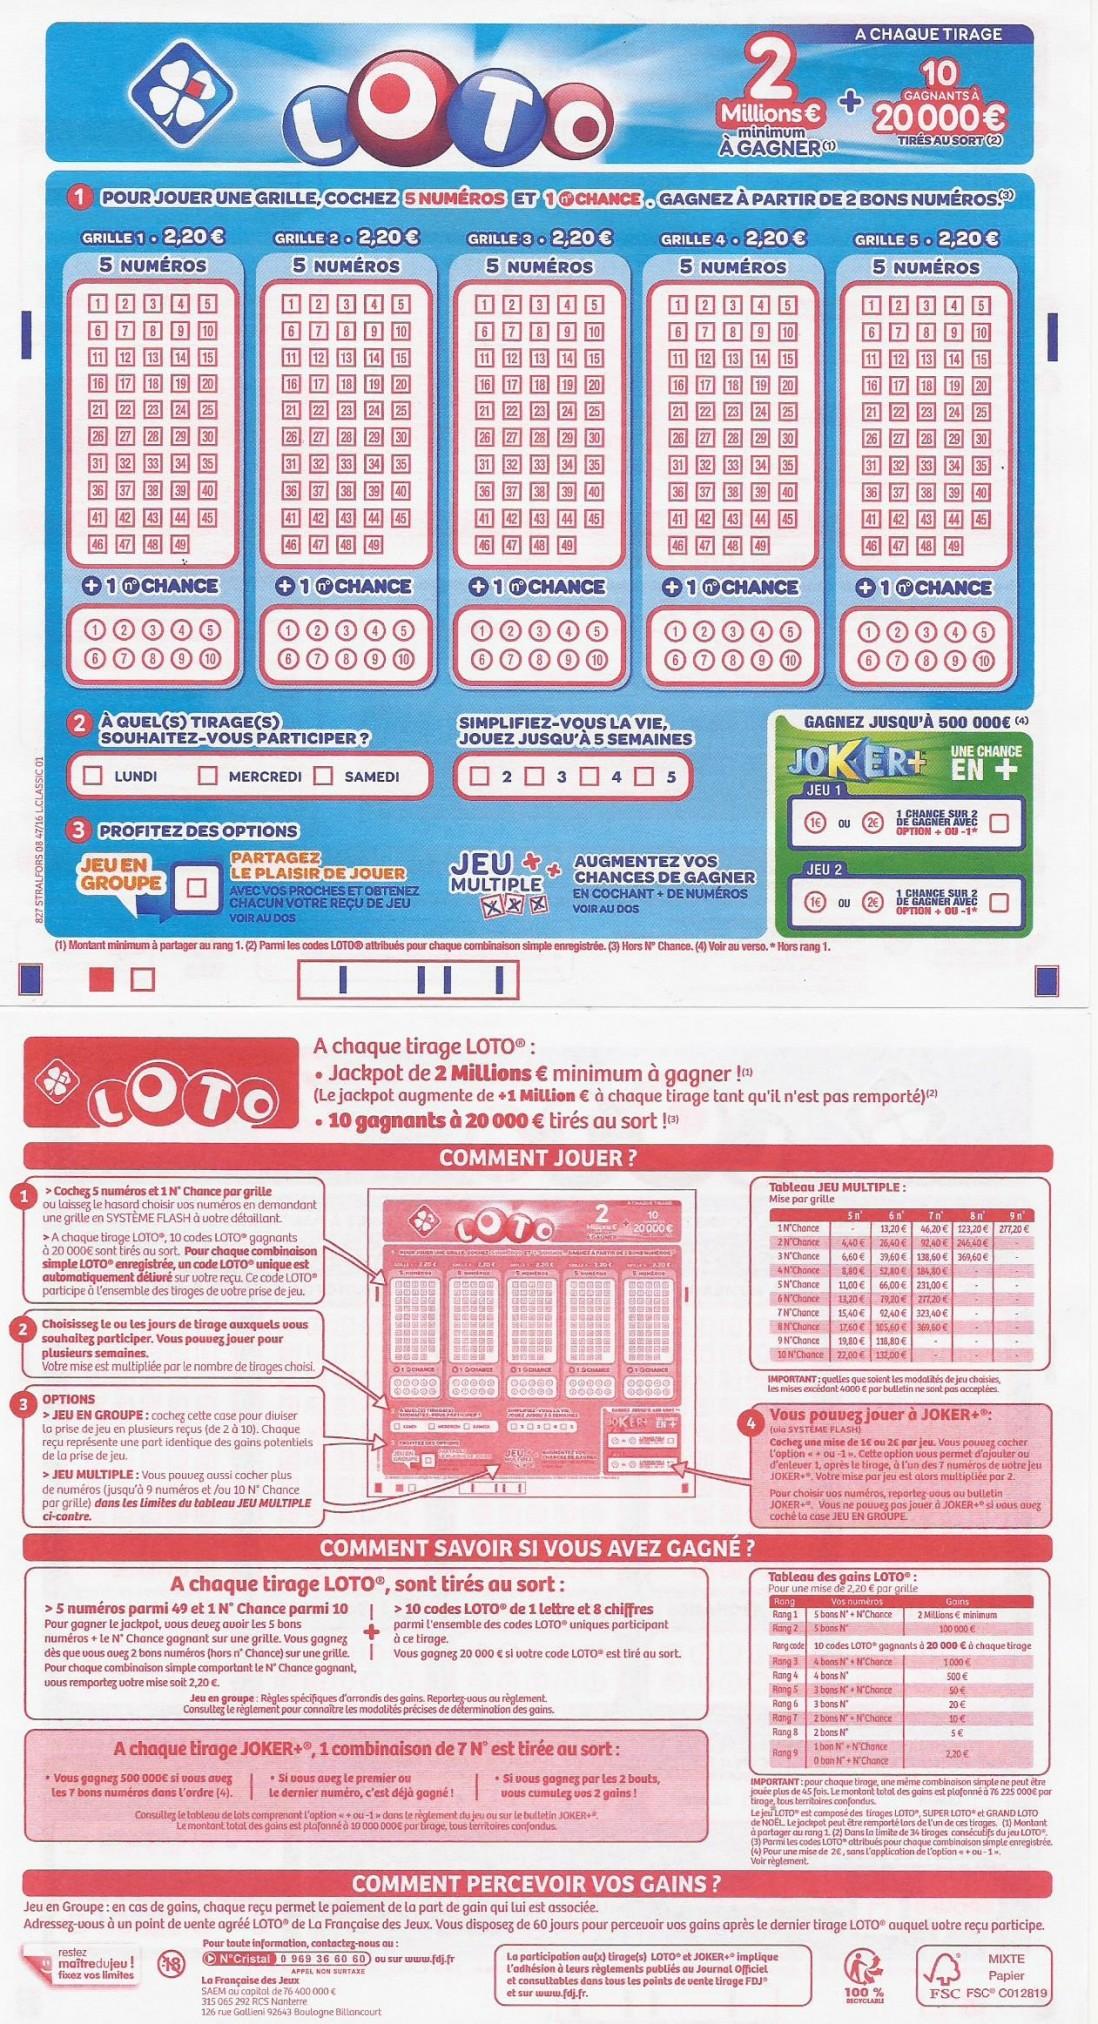 nouveau ticket loto et distribution des gains